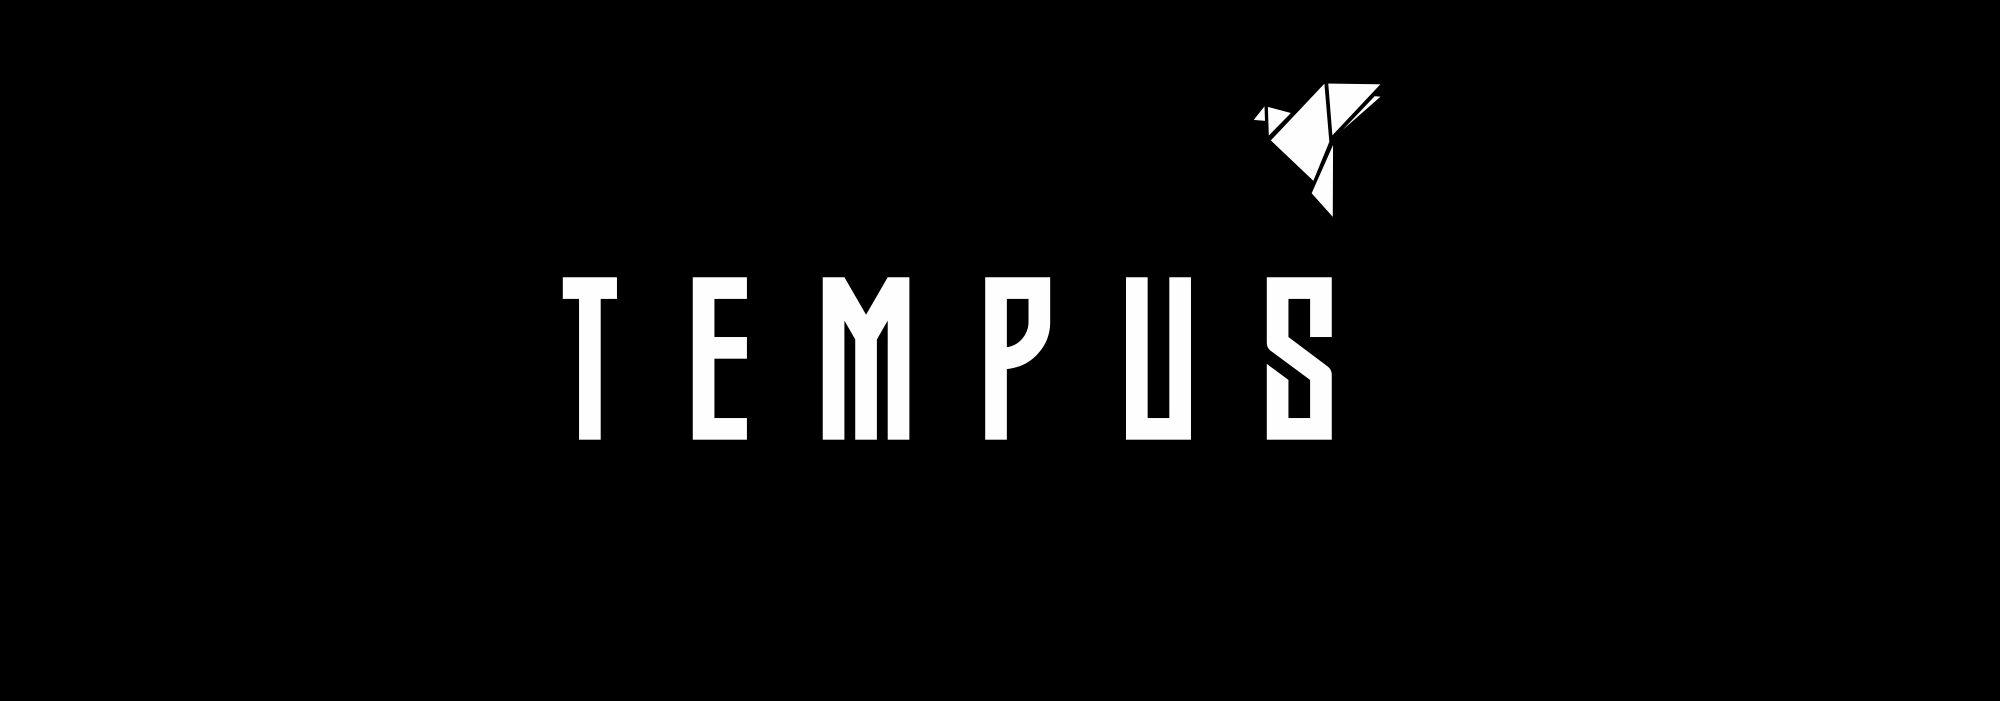 COMPLEJO TEMPUS